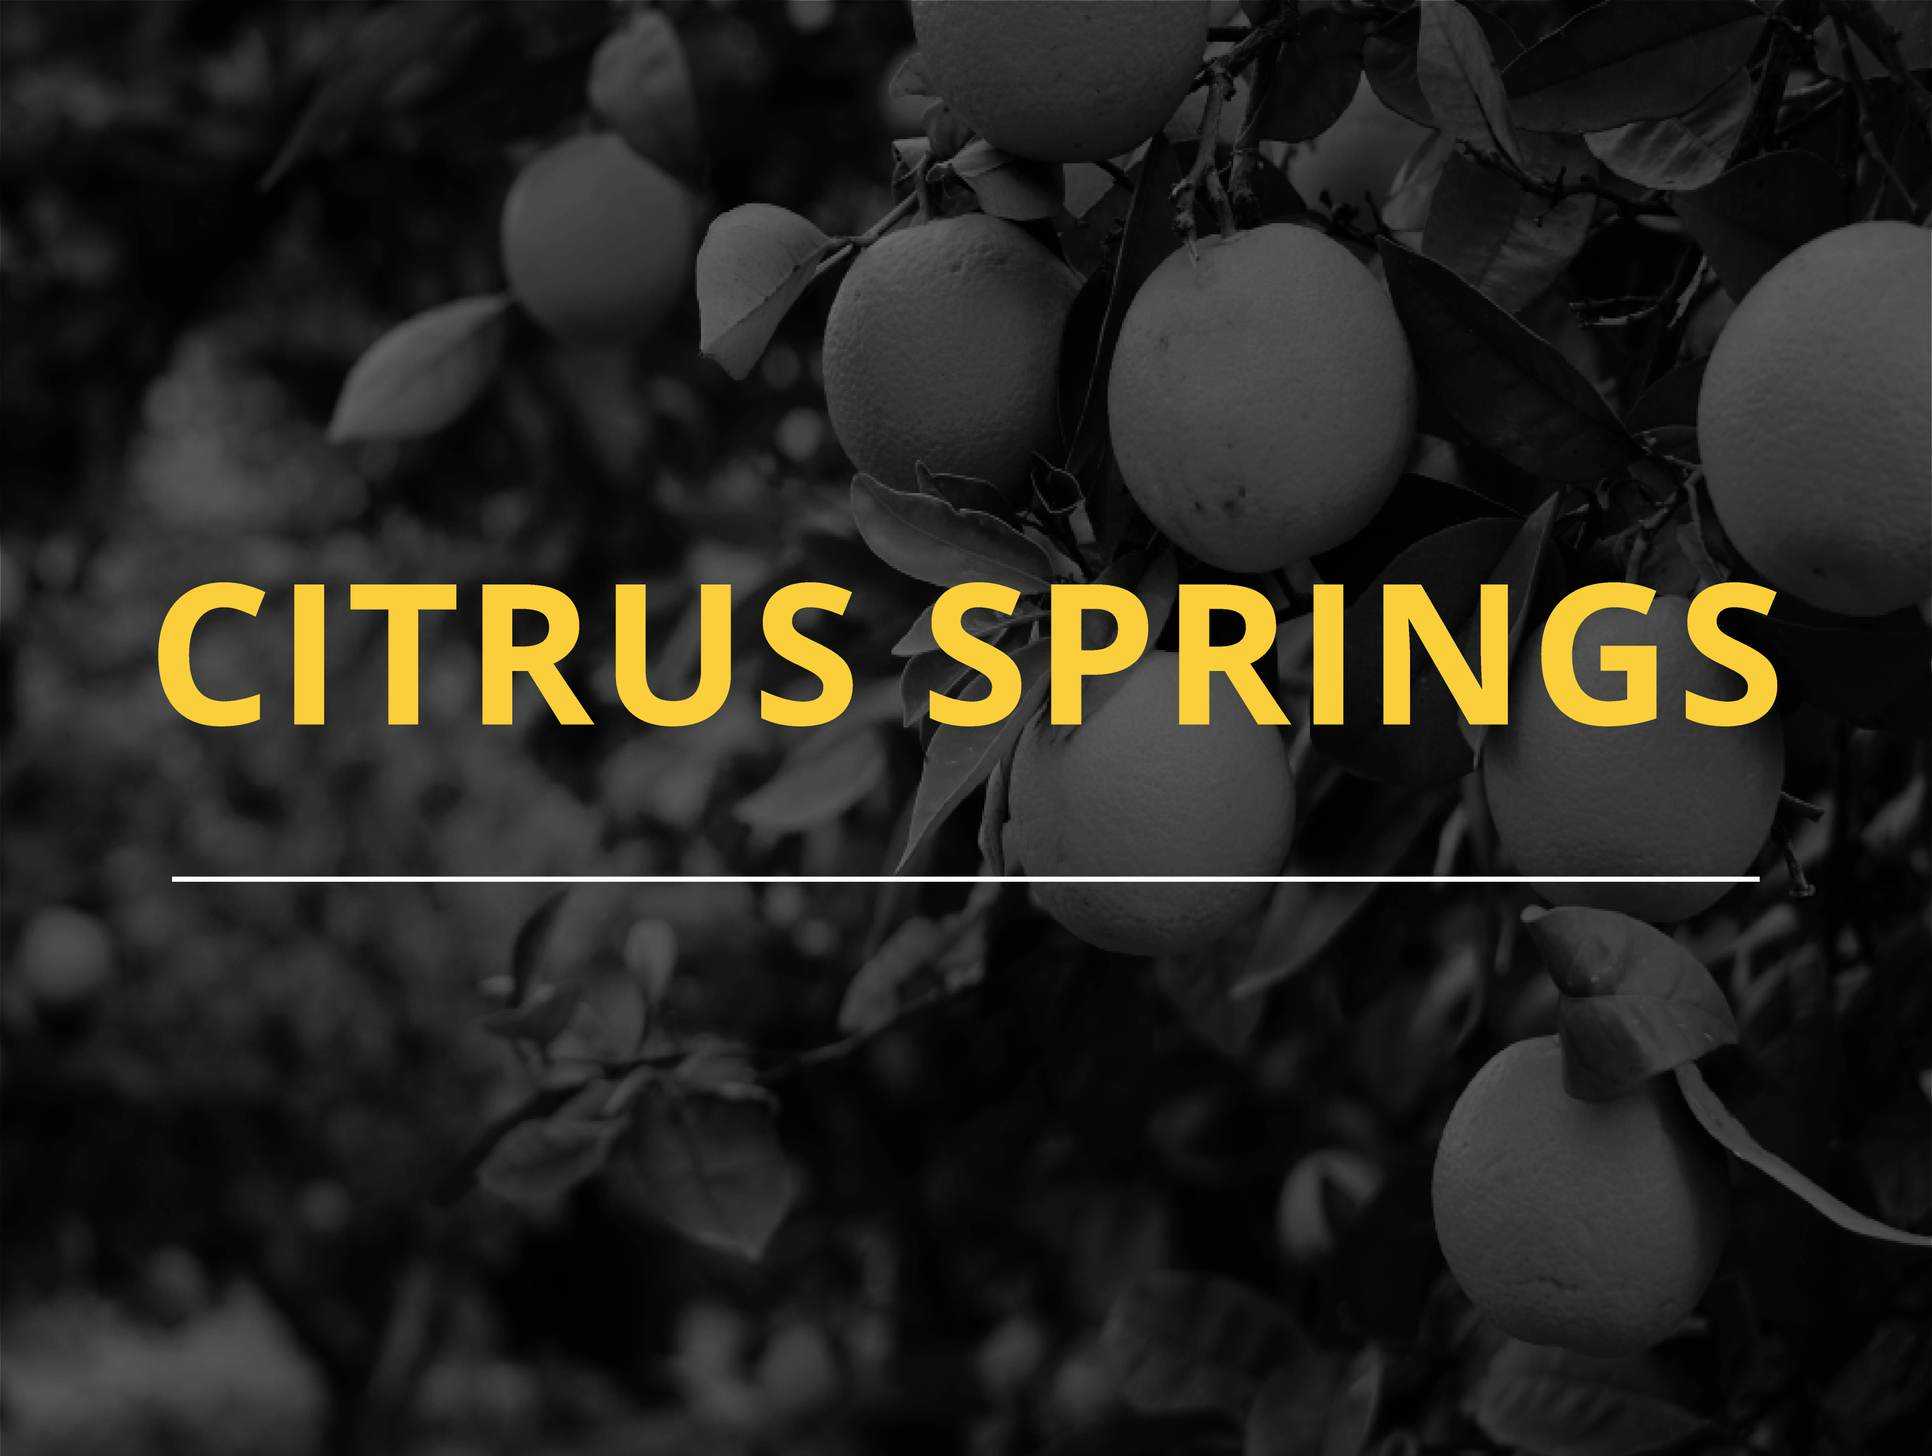 Citrus Springs,34434